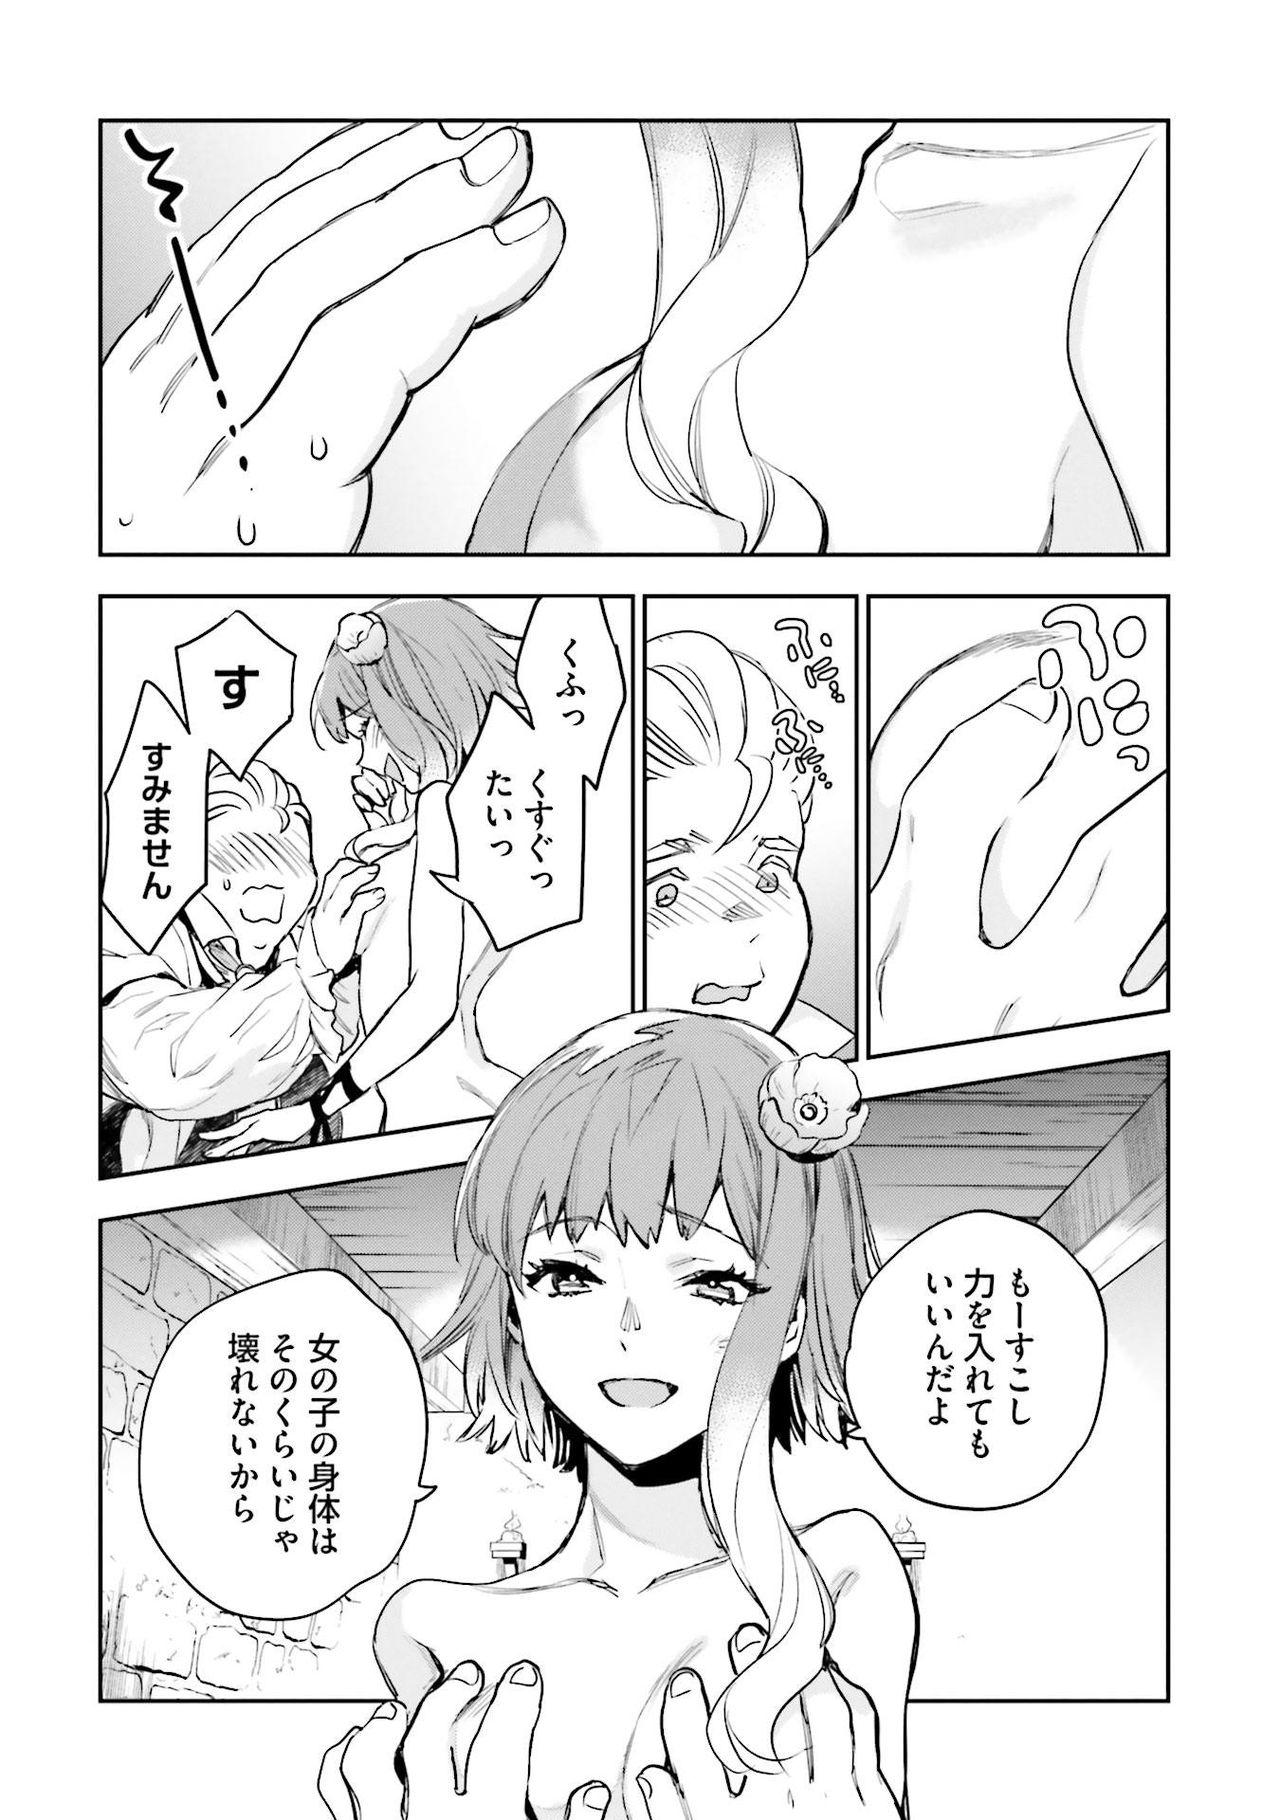 JK Haru wa Isekai de Shoufu ni Natta 1-14 270